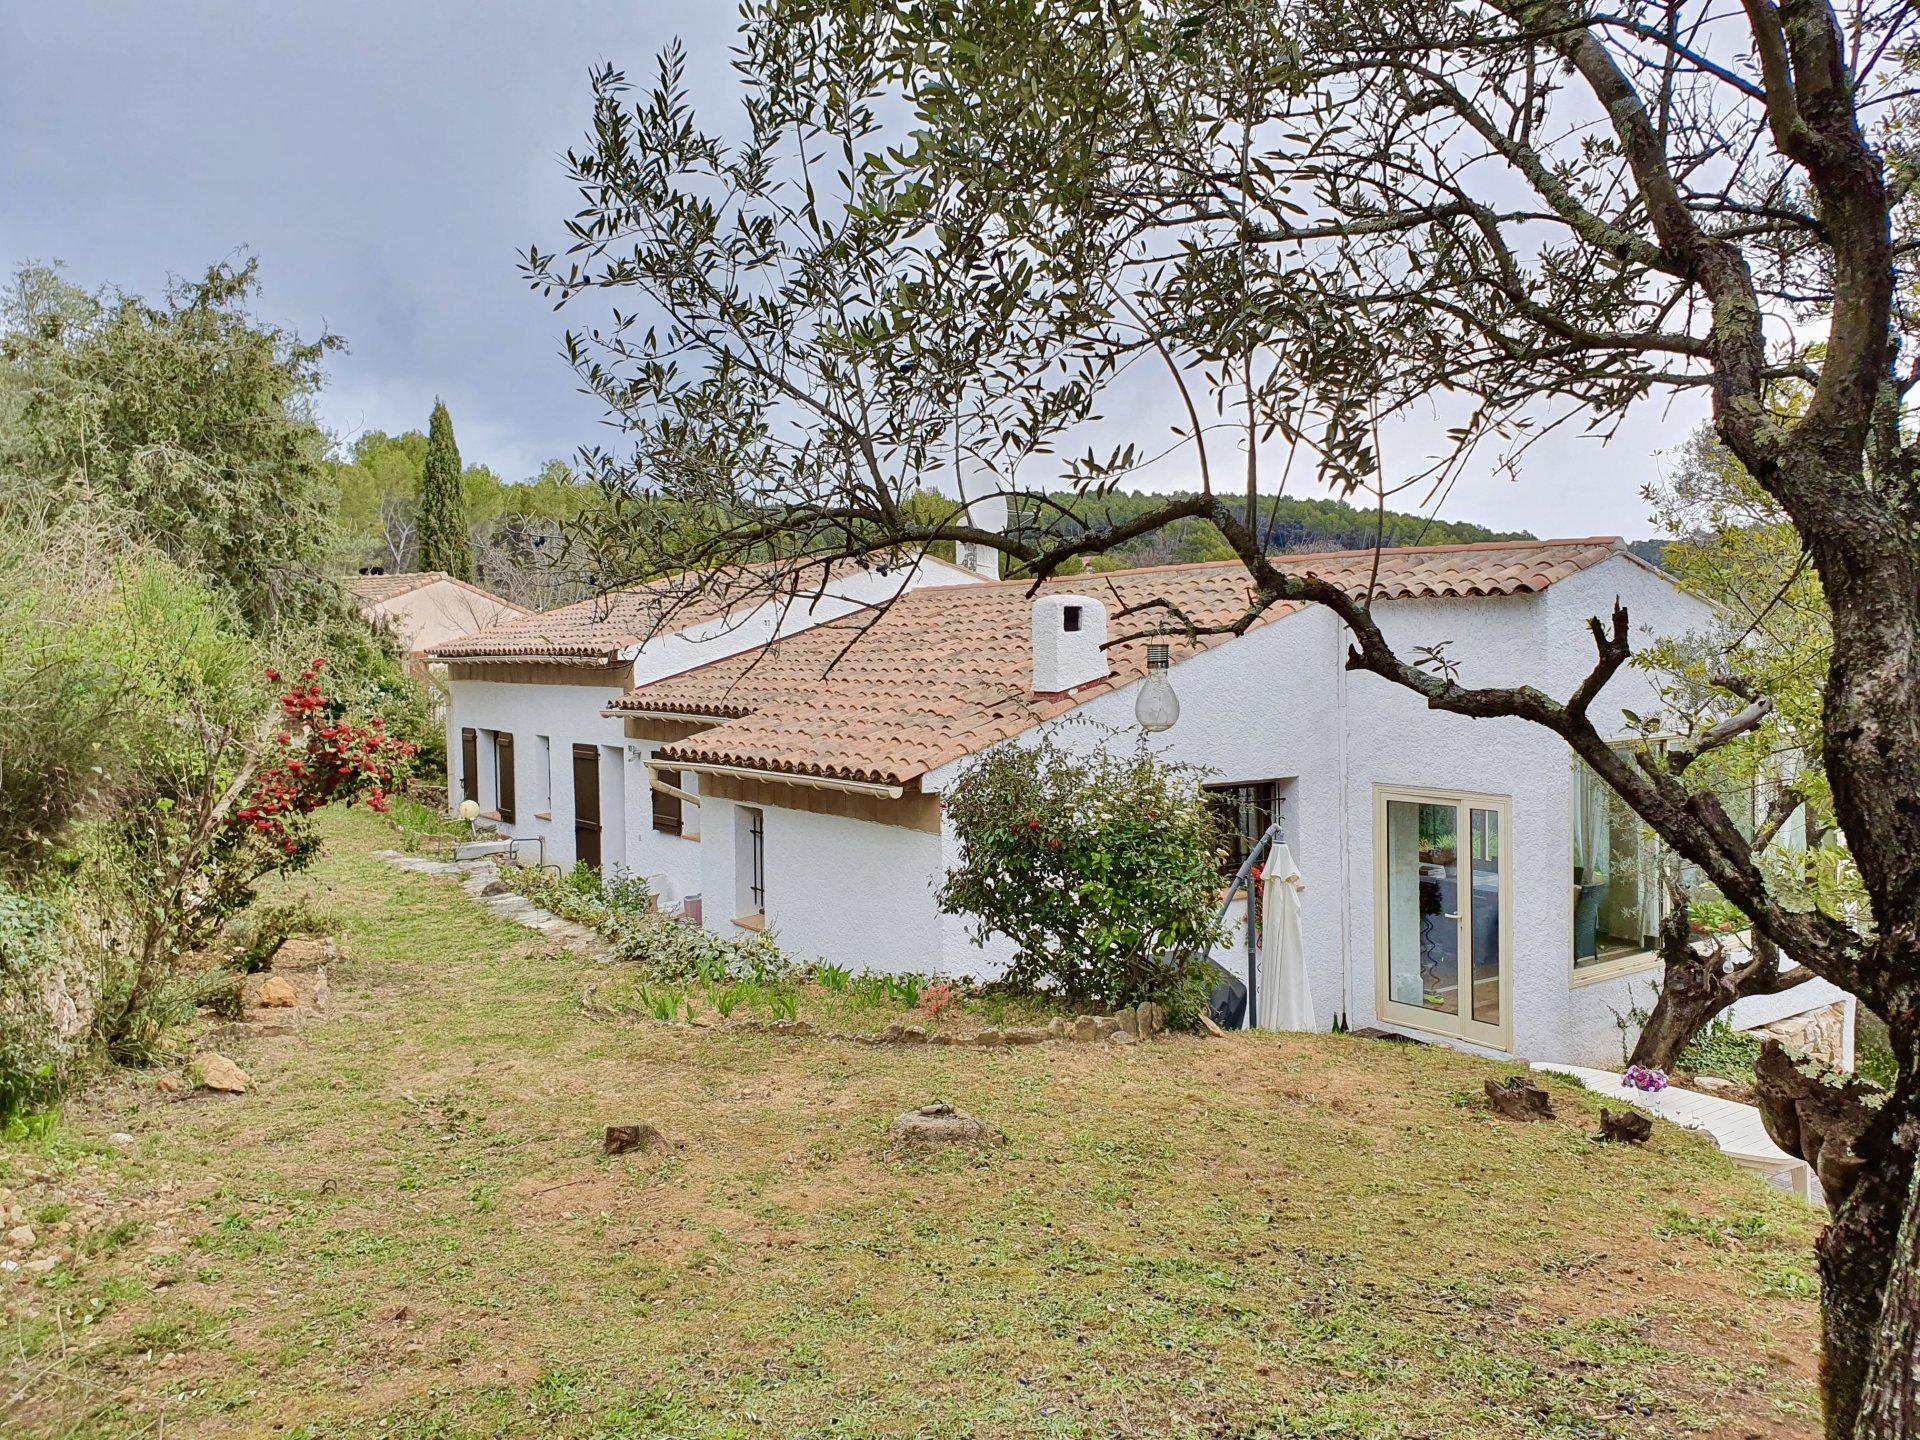 Mooi huis dicht bij het dorp gelegen.